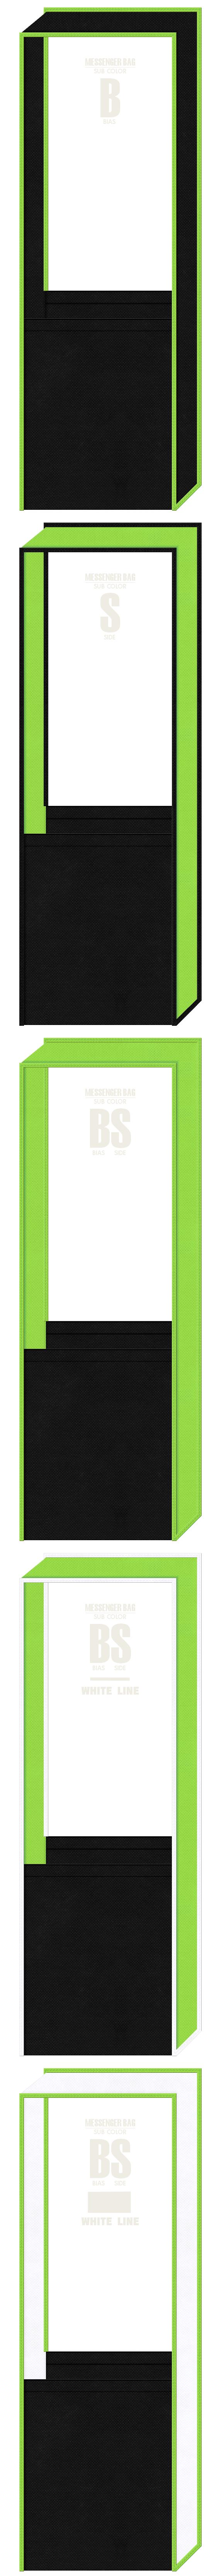 不織布メッセンジャーバッグのカラーシミュレーション(黒色・黄緑色・白色):スポーツのイメージにお奨めです。